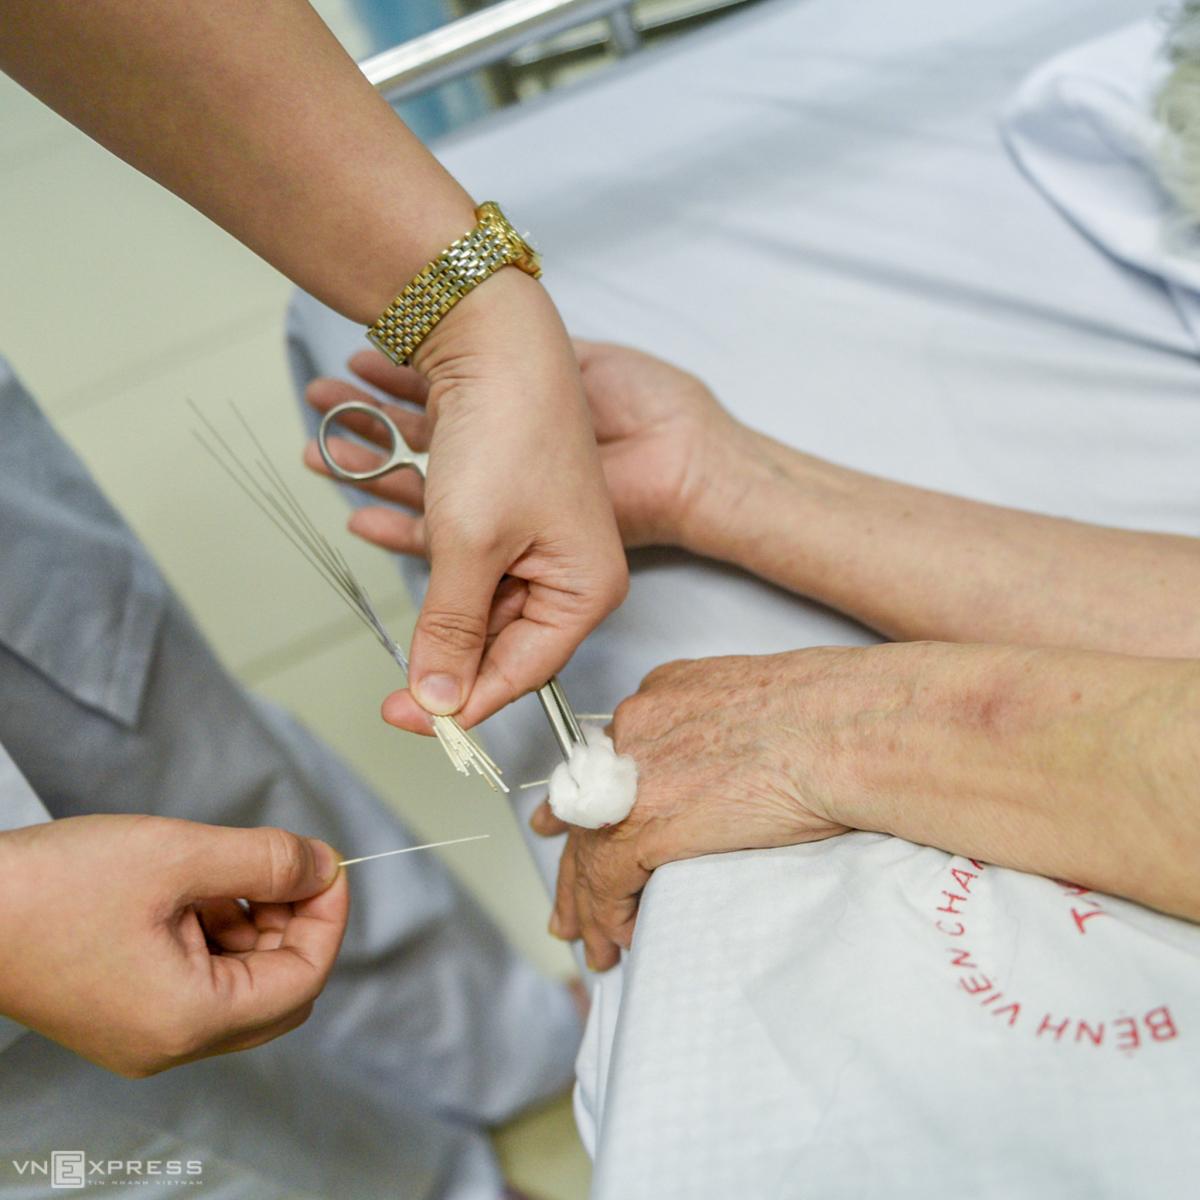 Châm kim xuyên huyệt chữa liệt nửa người